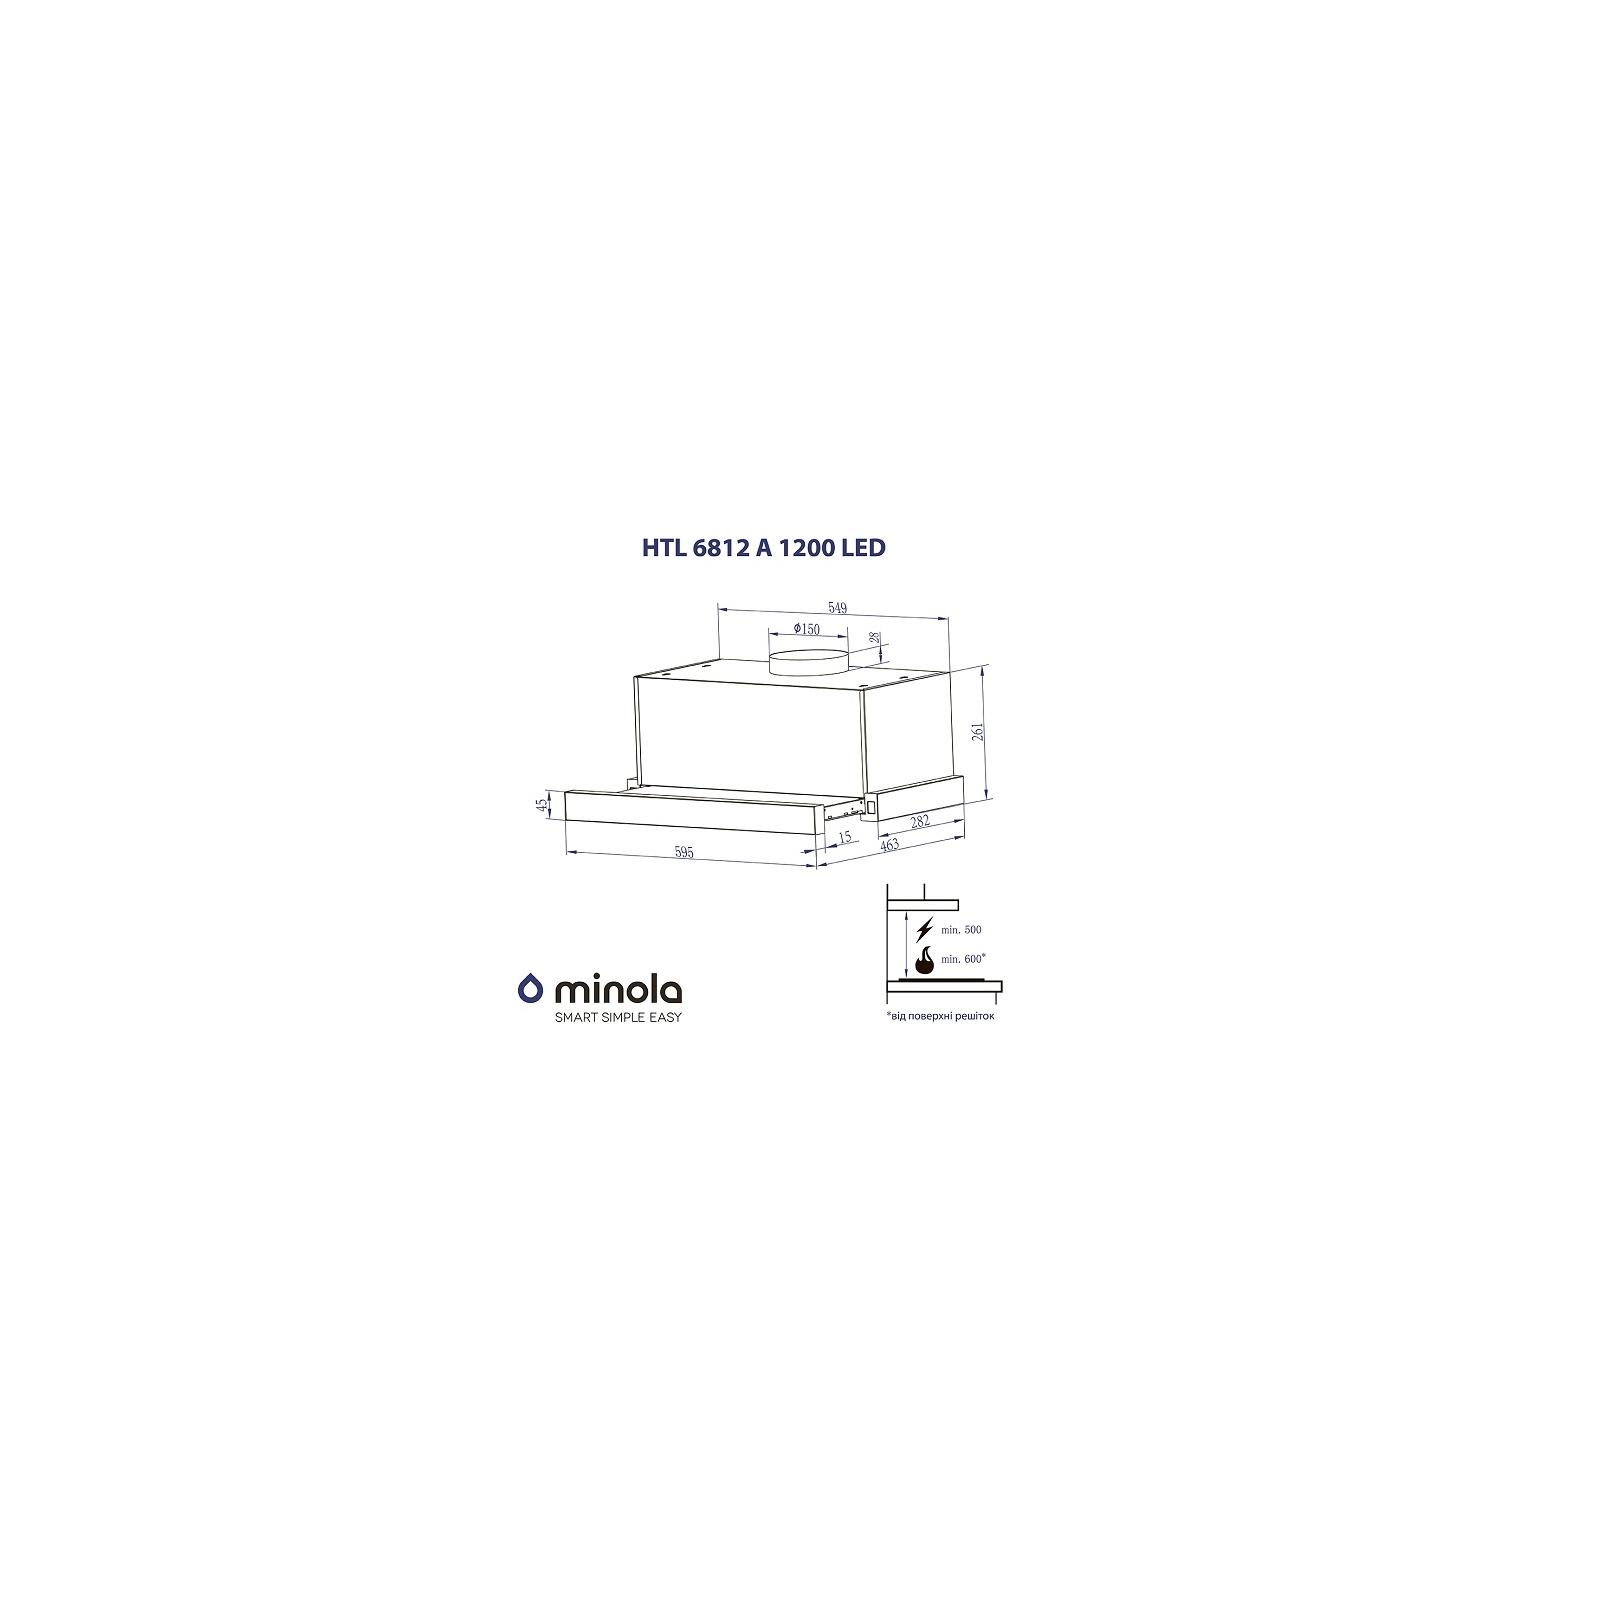 Вытяжка кухонная MINOLA HTL 6812 WH 1200 LED изображение 6